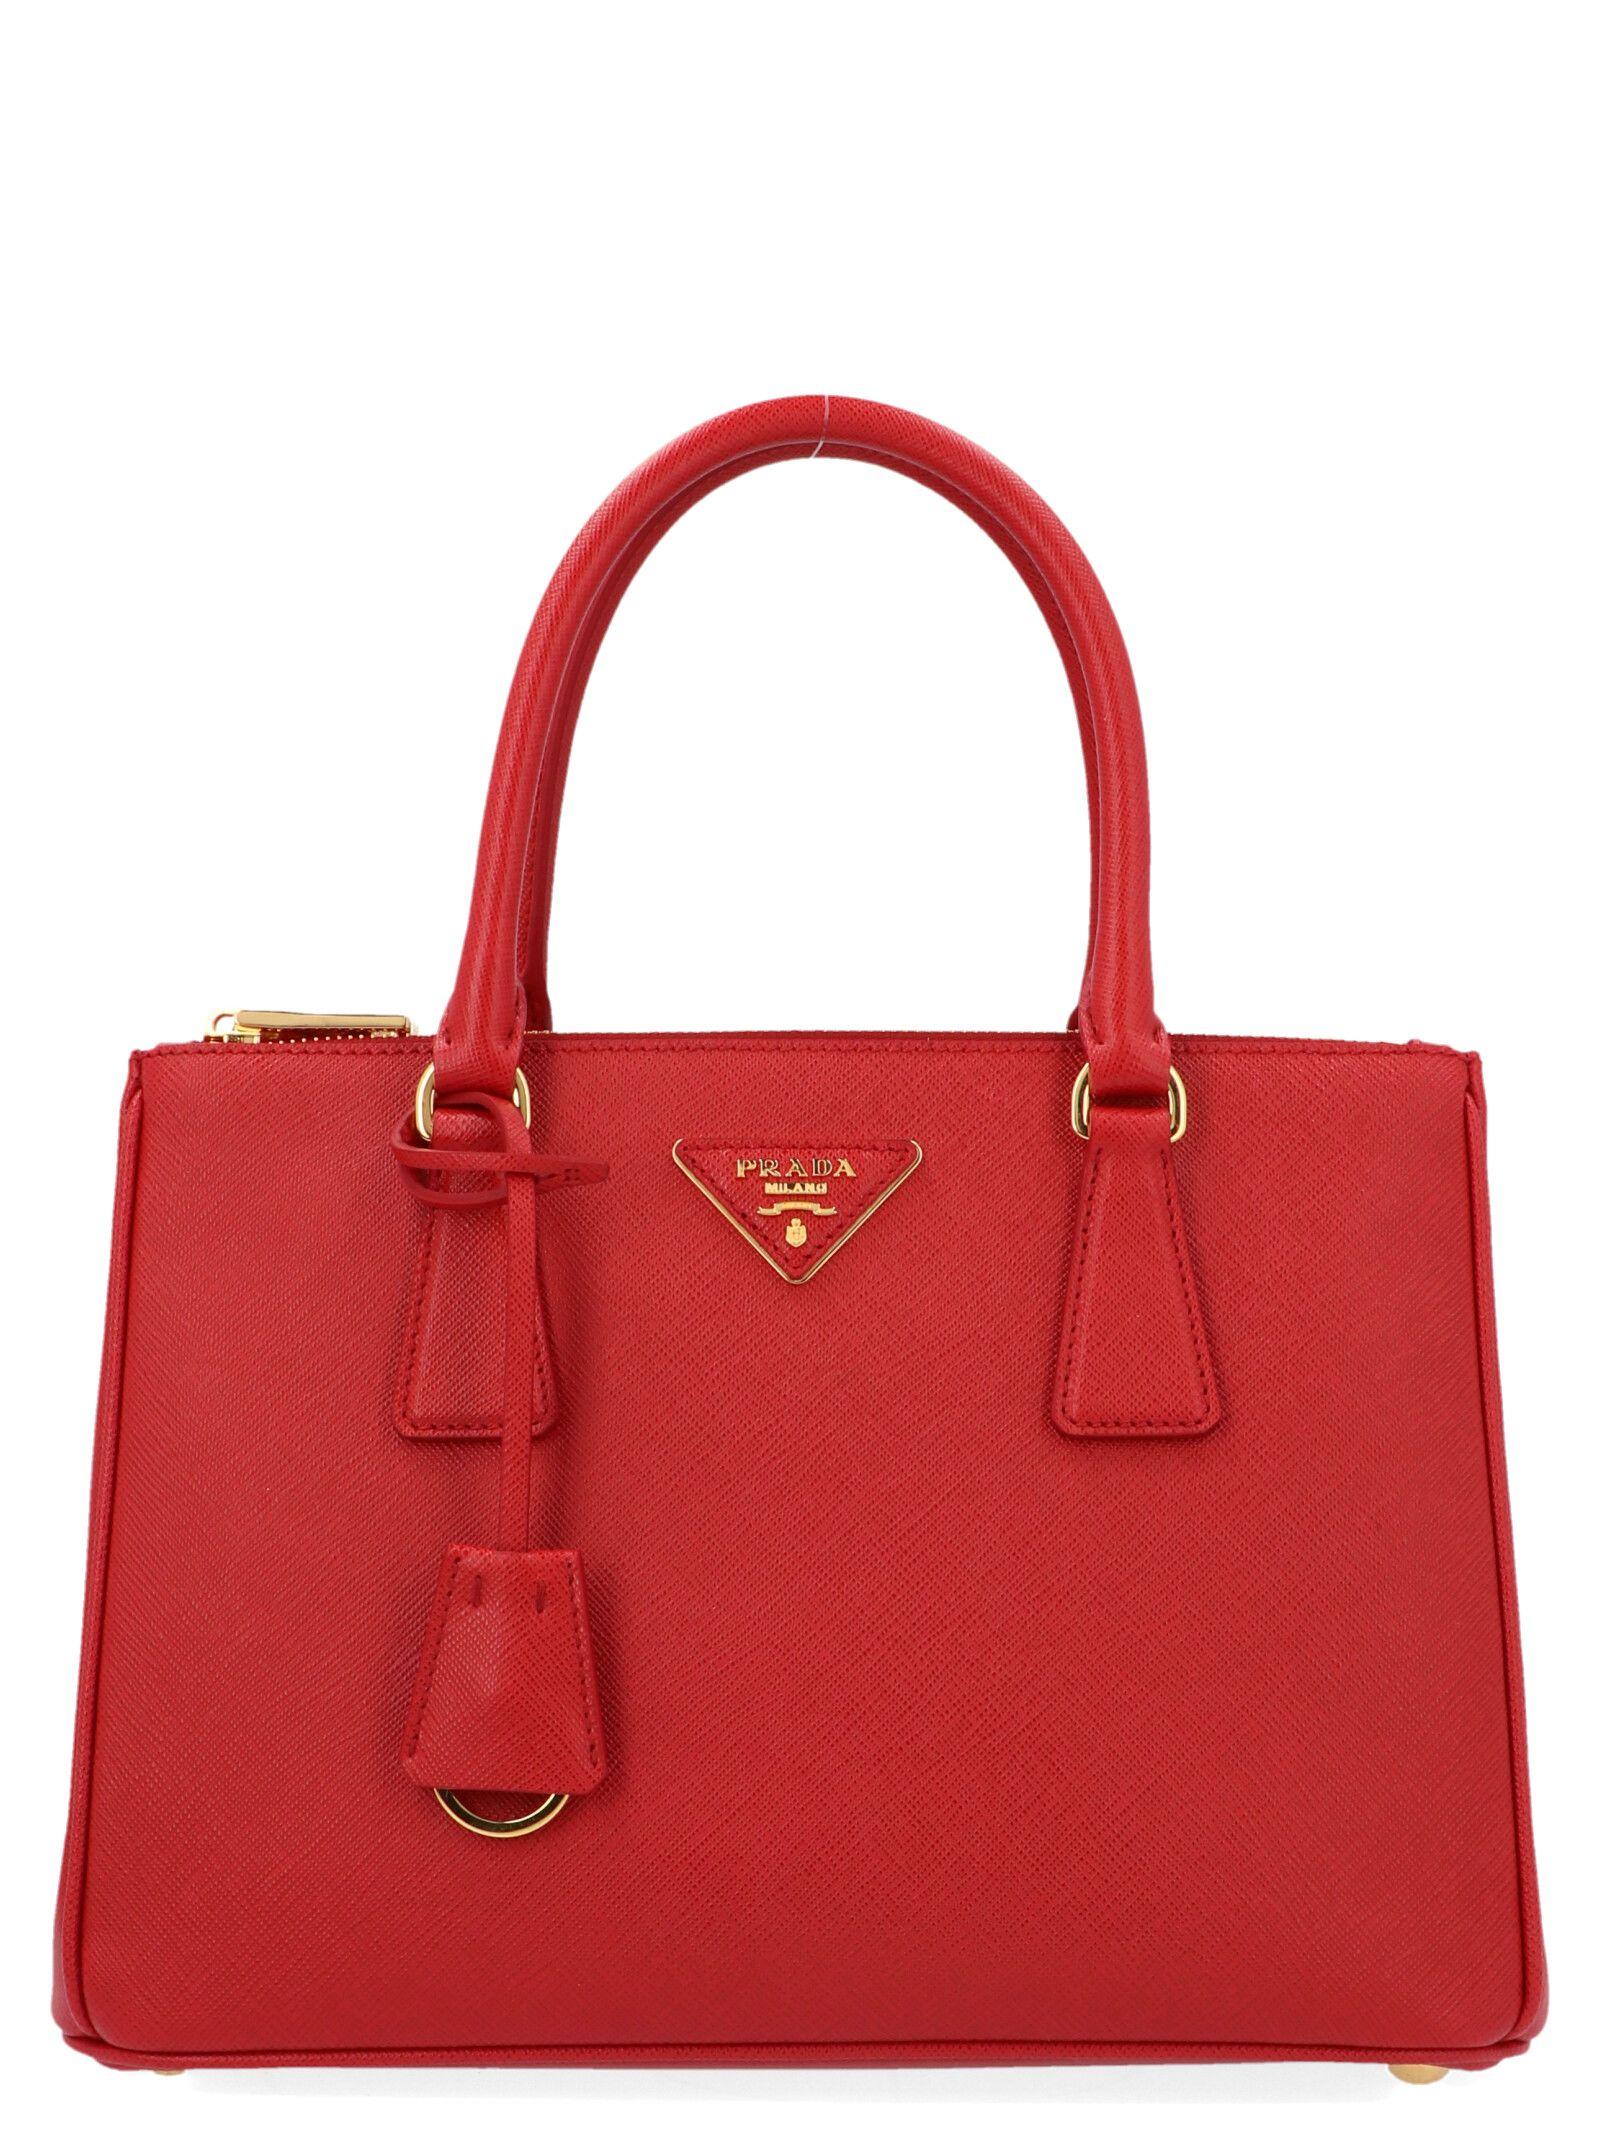 dc675847a051 Prada Prada 'galleria' Bag - Red - 10958575   italist